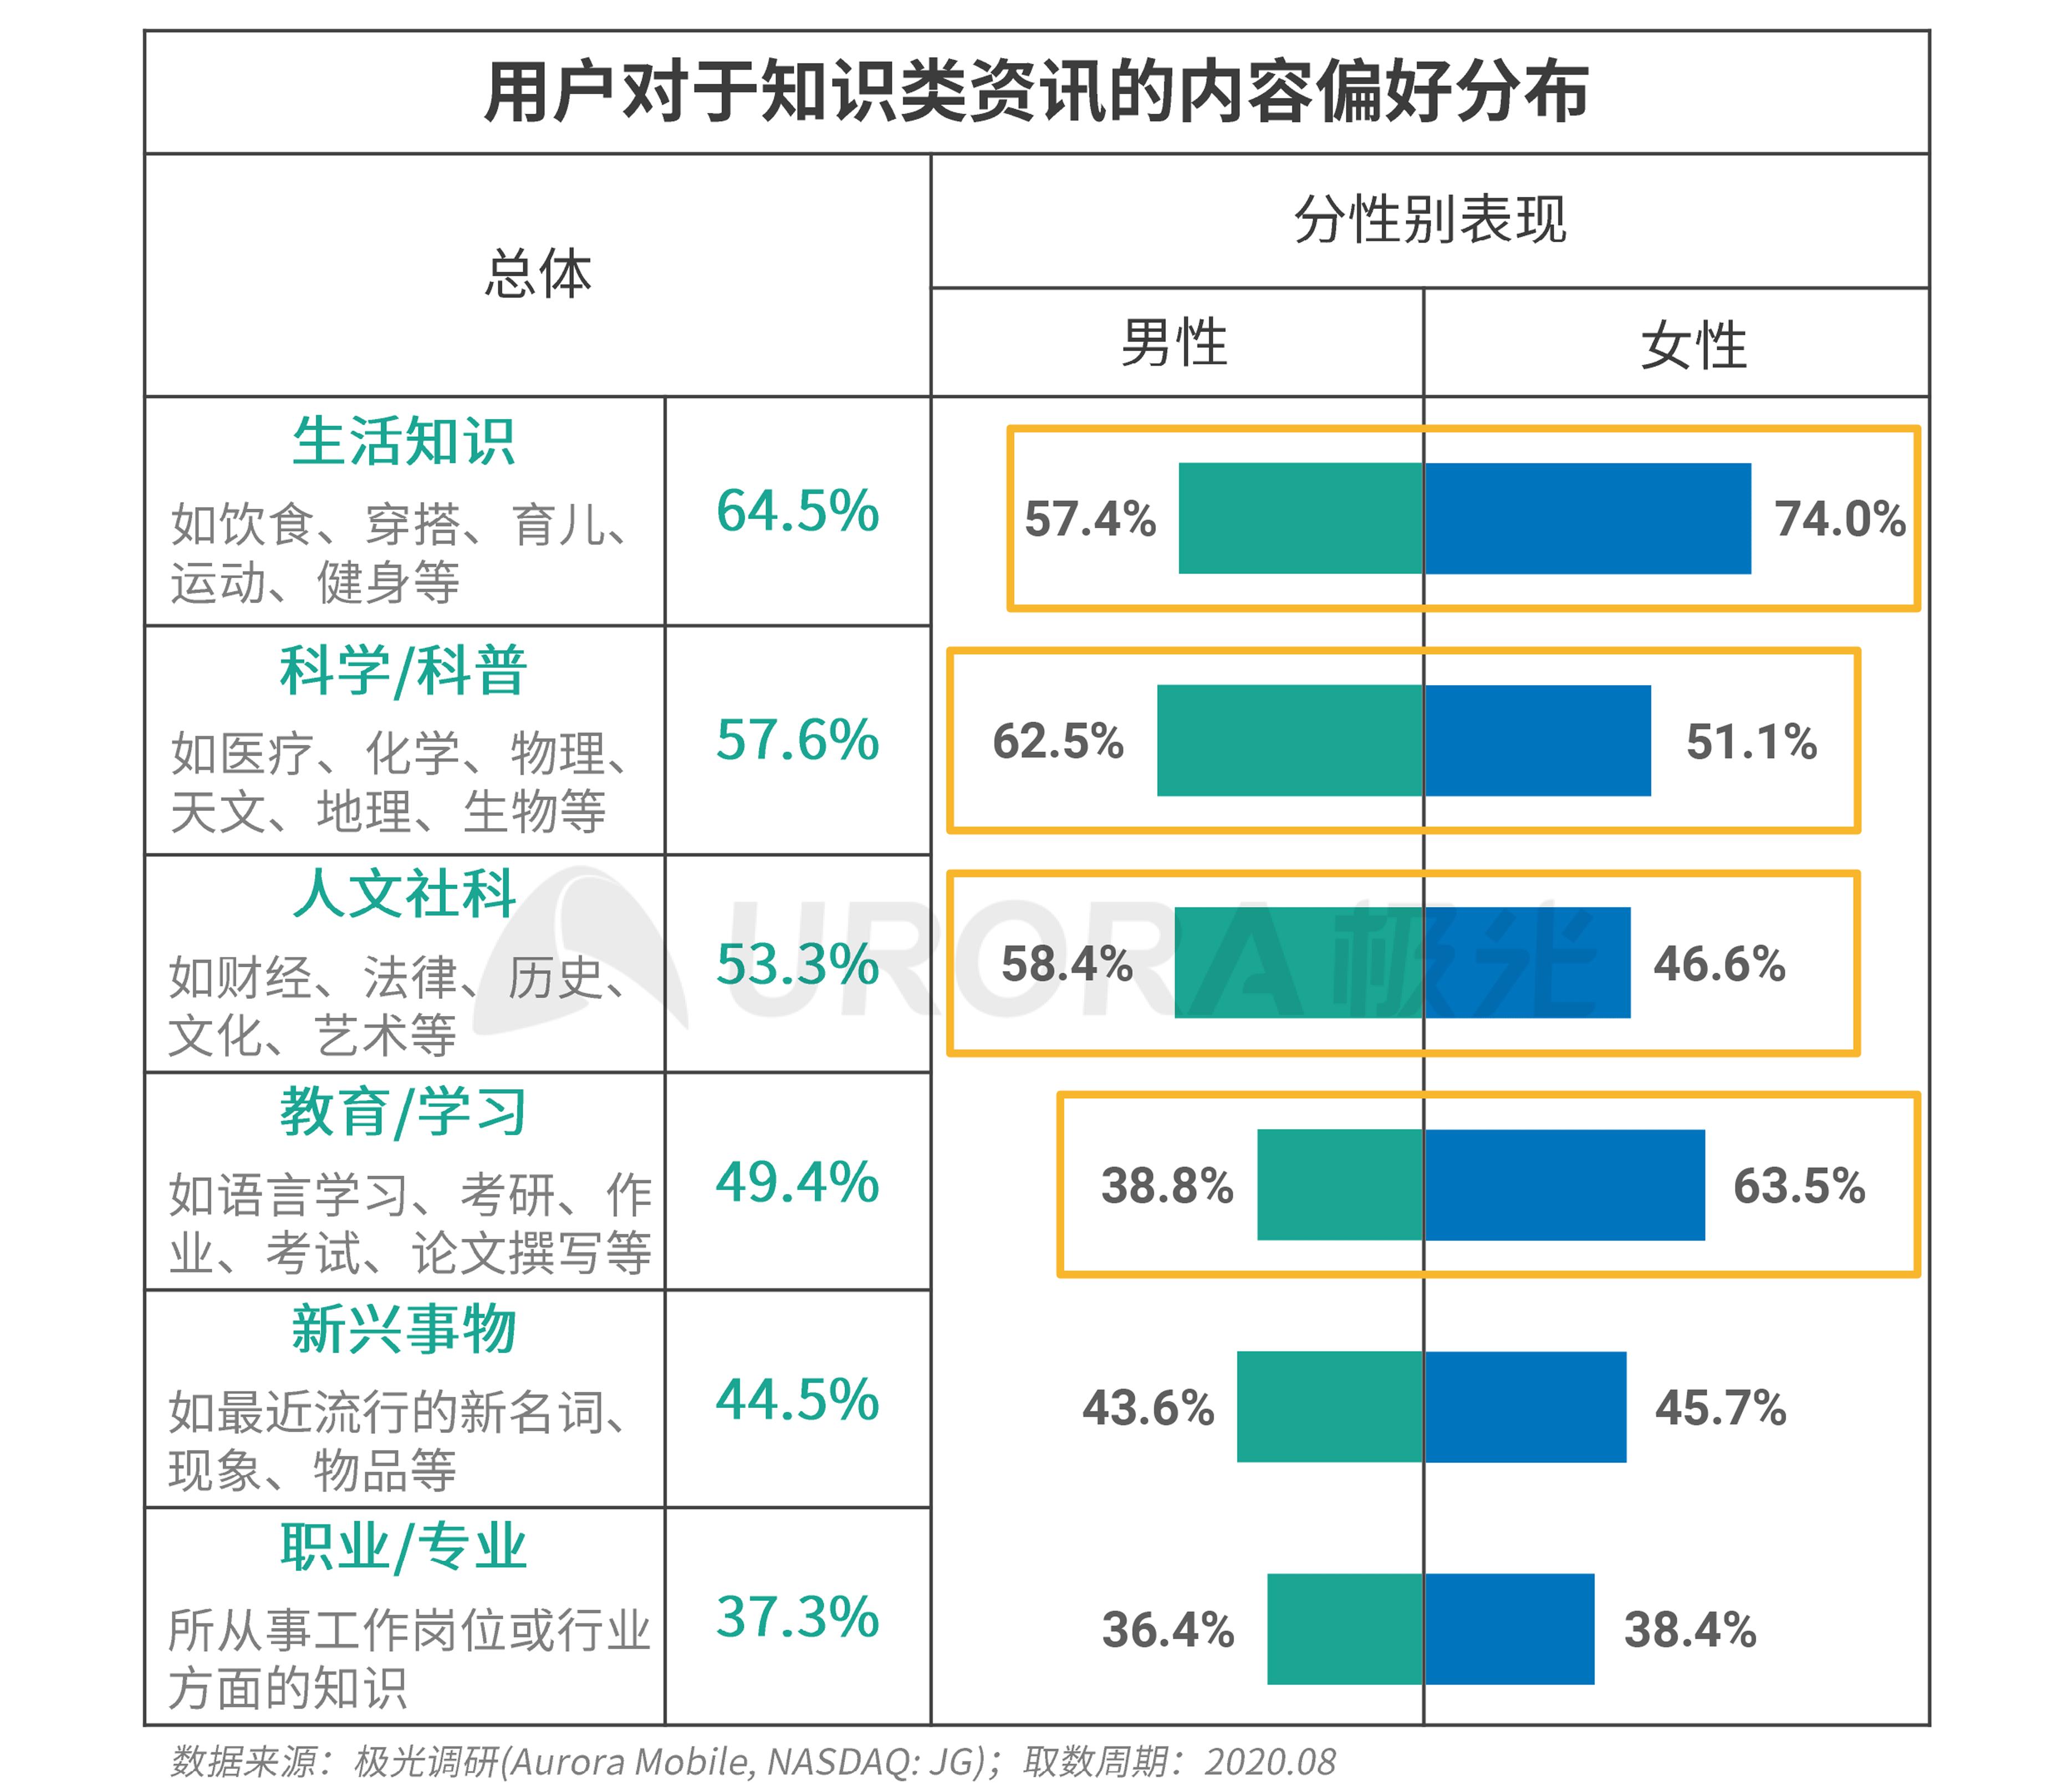 极光:新资讯行业系列报告--内容篇 (19).png